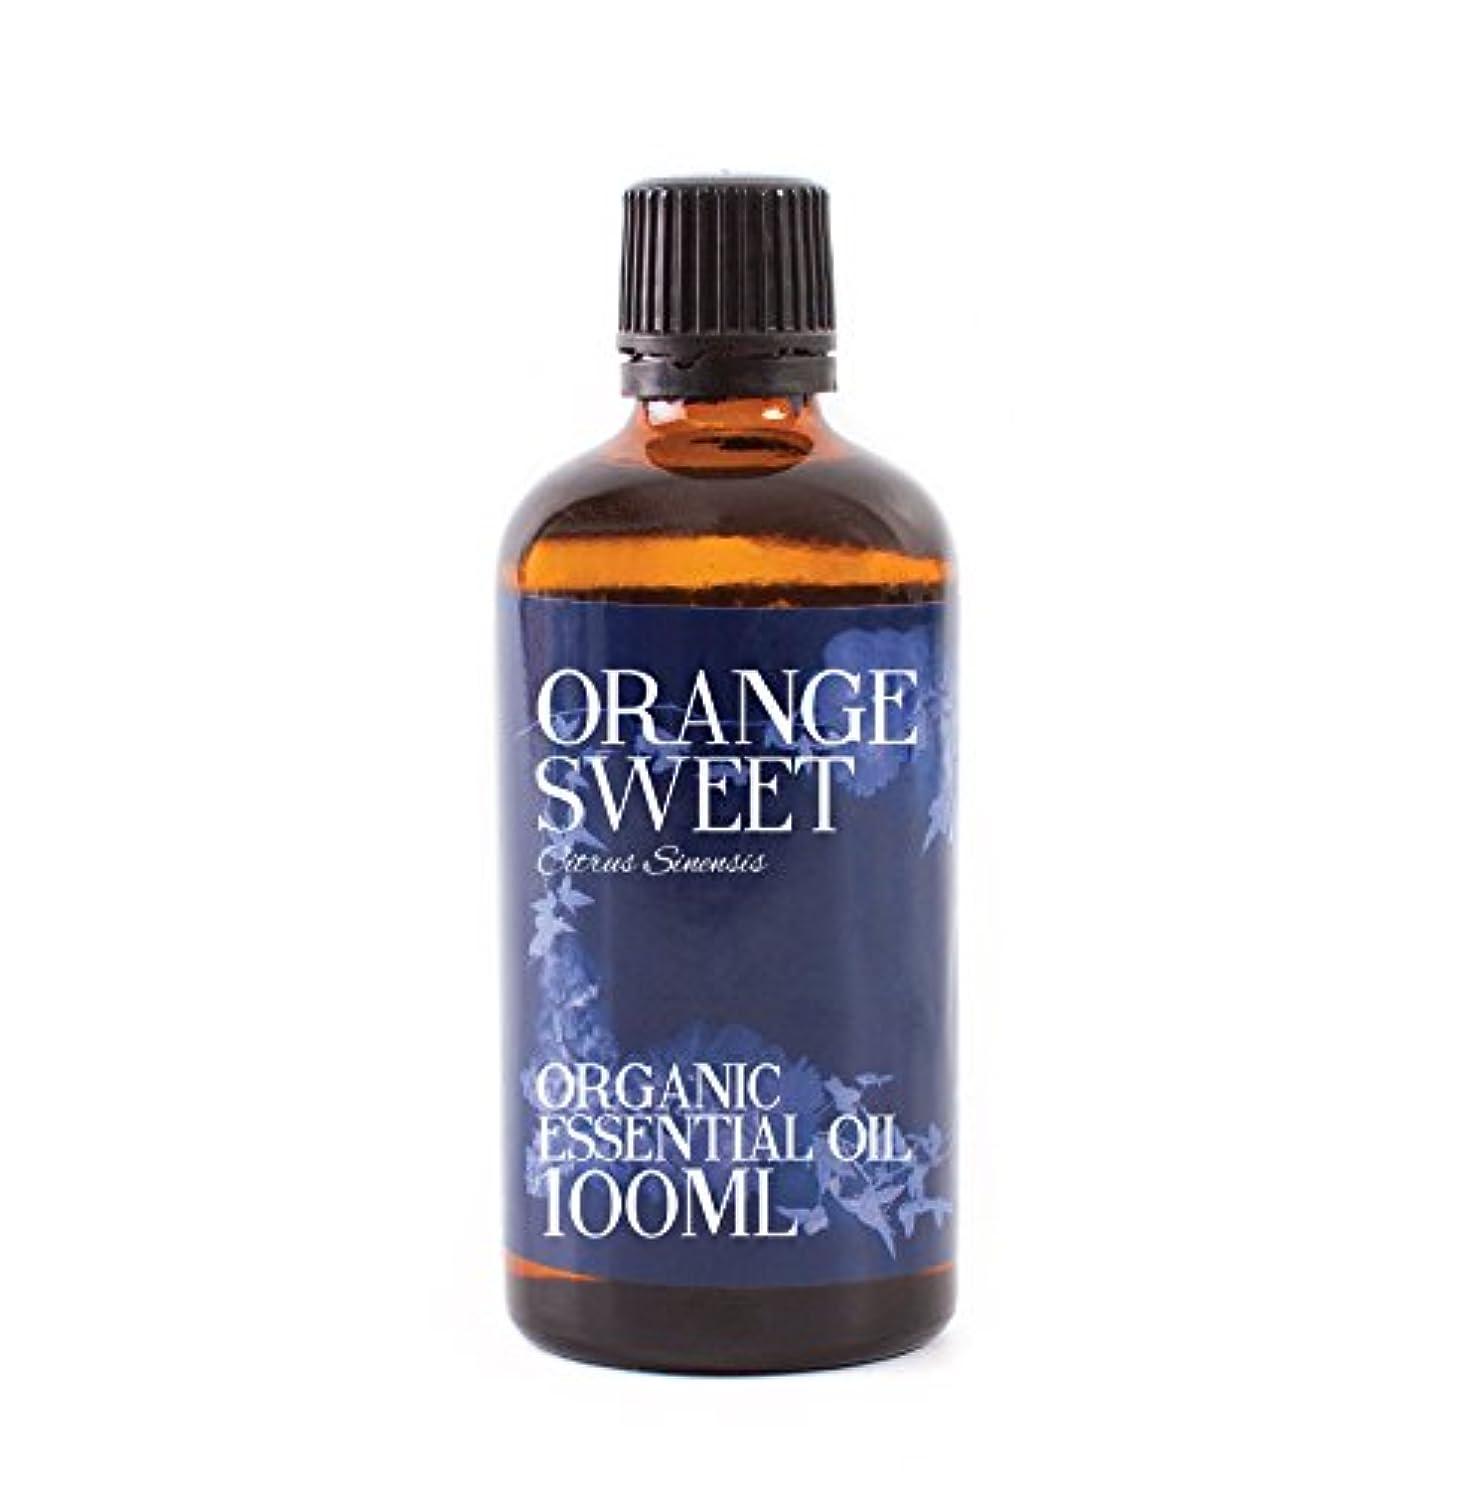 カリキュラム性的帝国主義Mystic Moments | Orange Sweet Organic Essential Oil - 100ml - 100% Pure